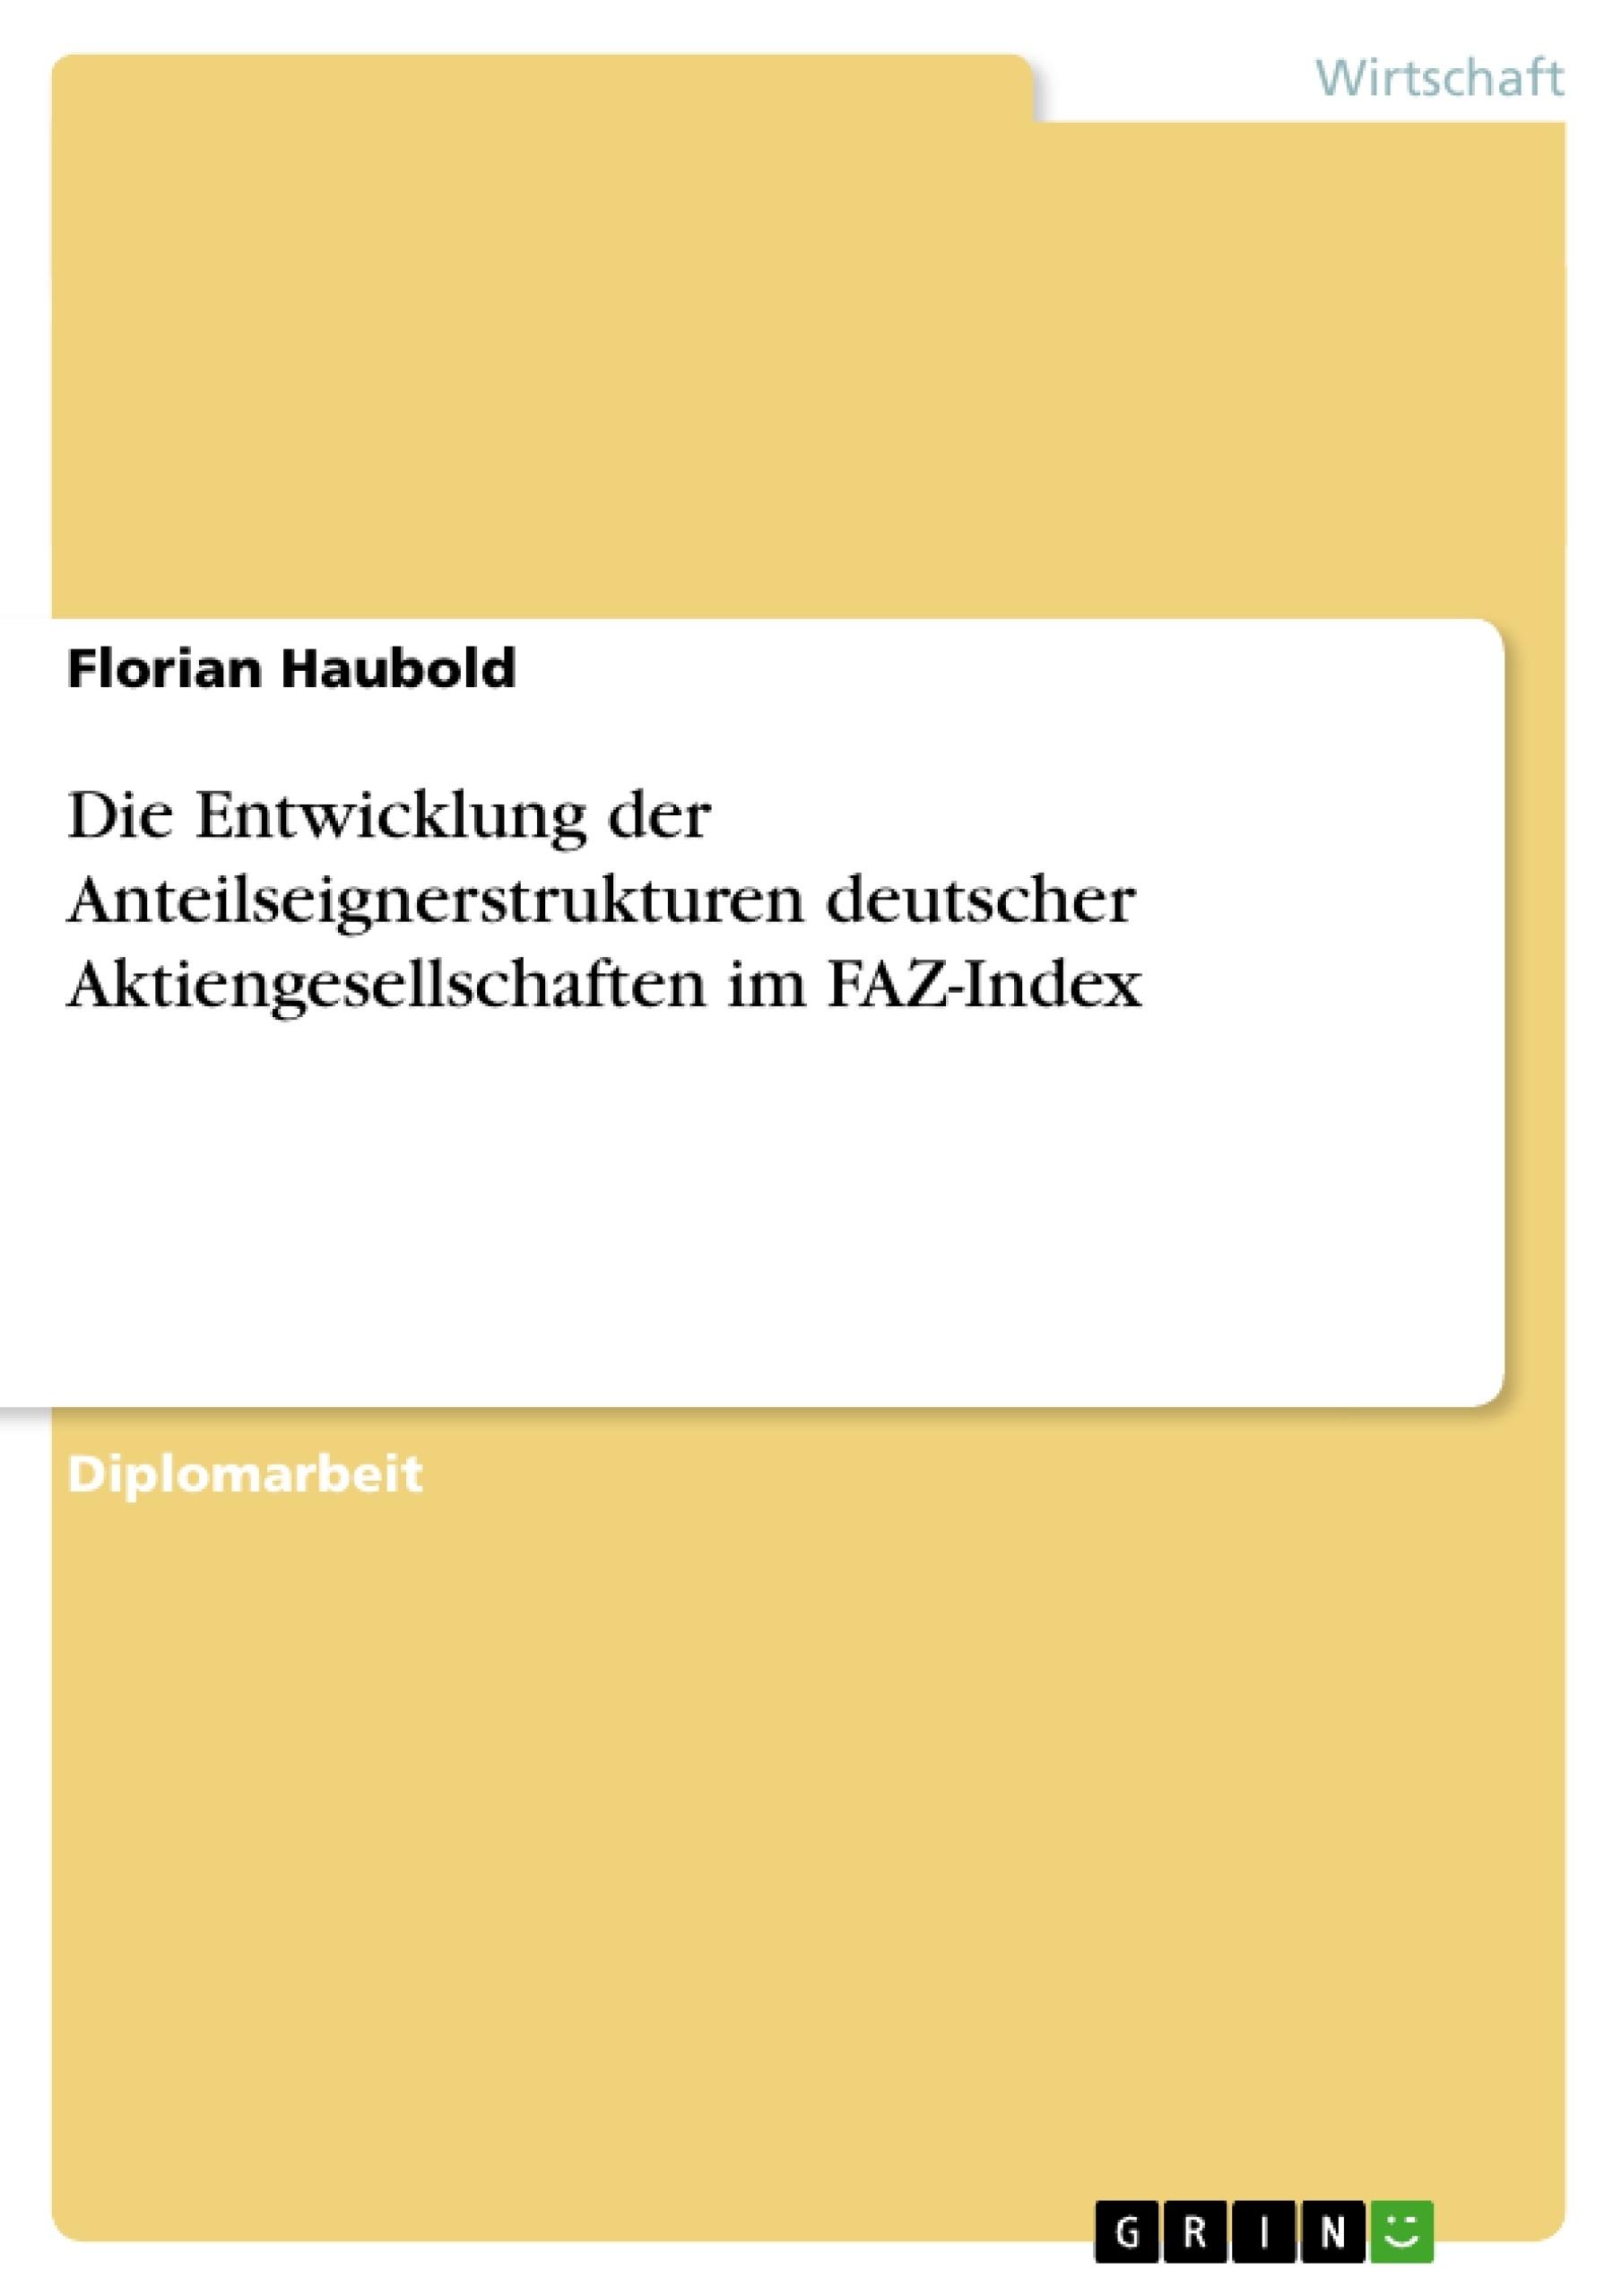 Titel: Die Entwicklung der Anteilseignerstrukturen deutscher Aktiengesellschaften im FAZ-Index